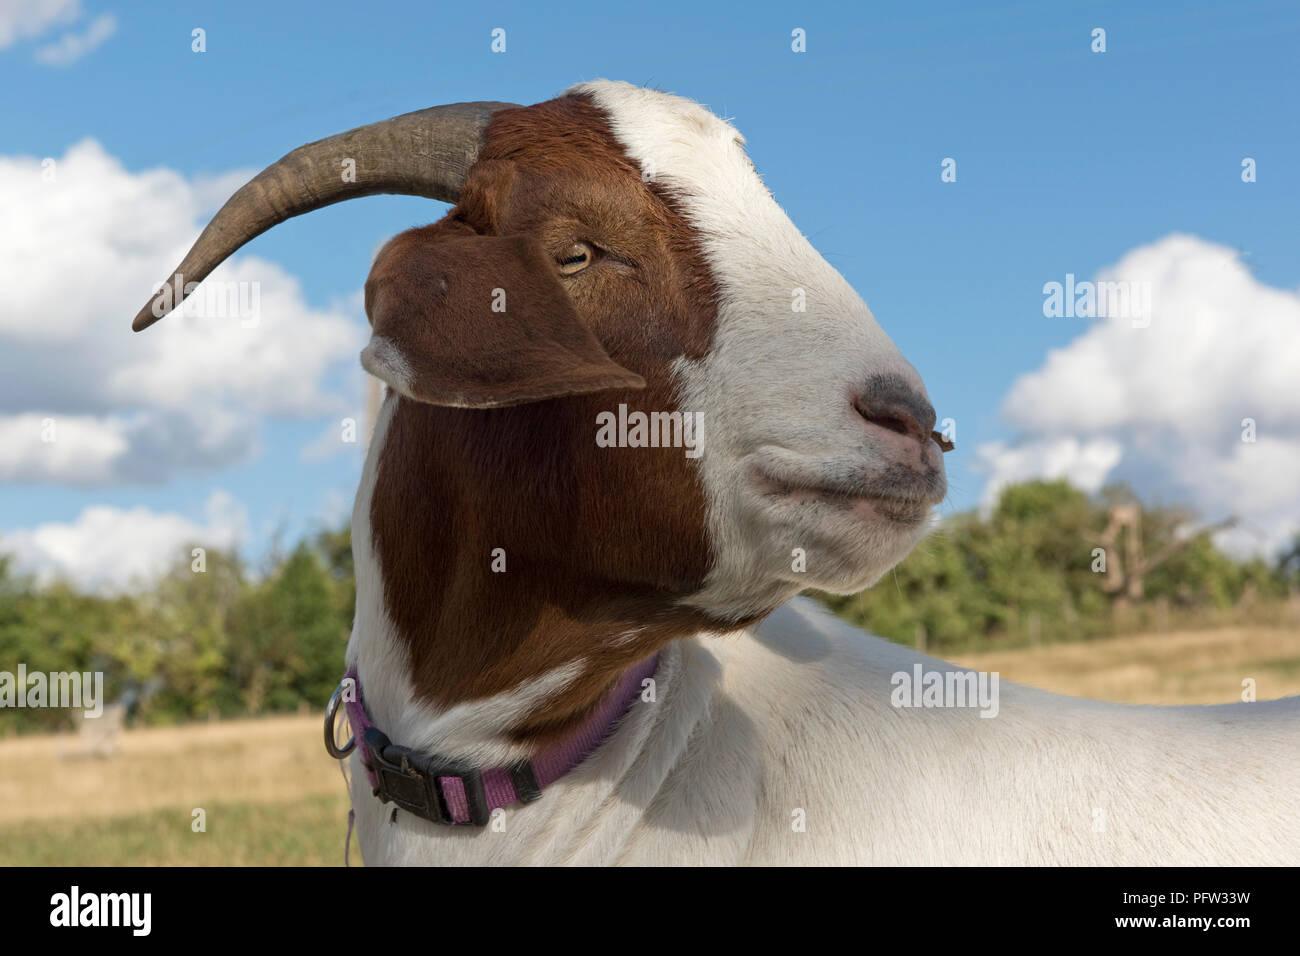 """Kopf einer kastriert"""", ob """"Boer goat pet mit lila Kragen und gute Hörner, Berkshire, August Stockbild"""